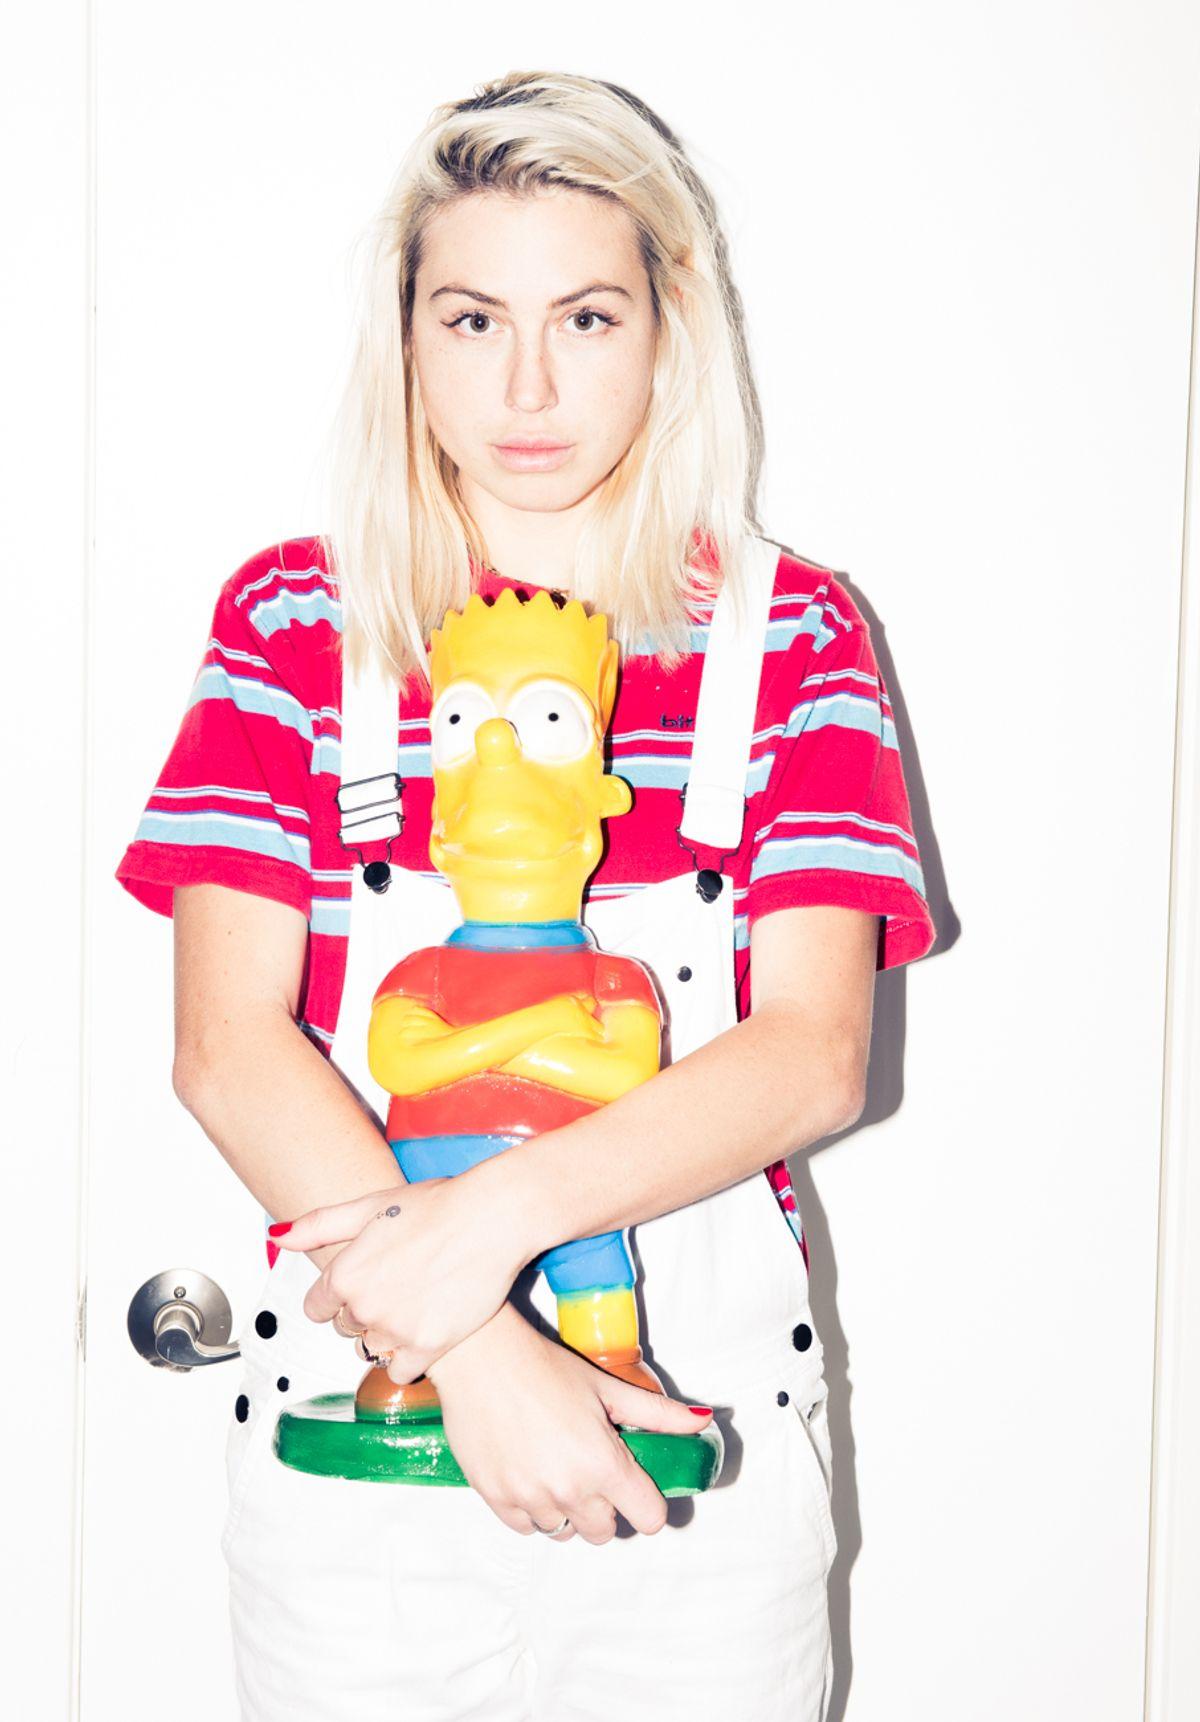 Rachael Finley